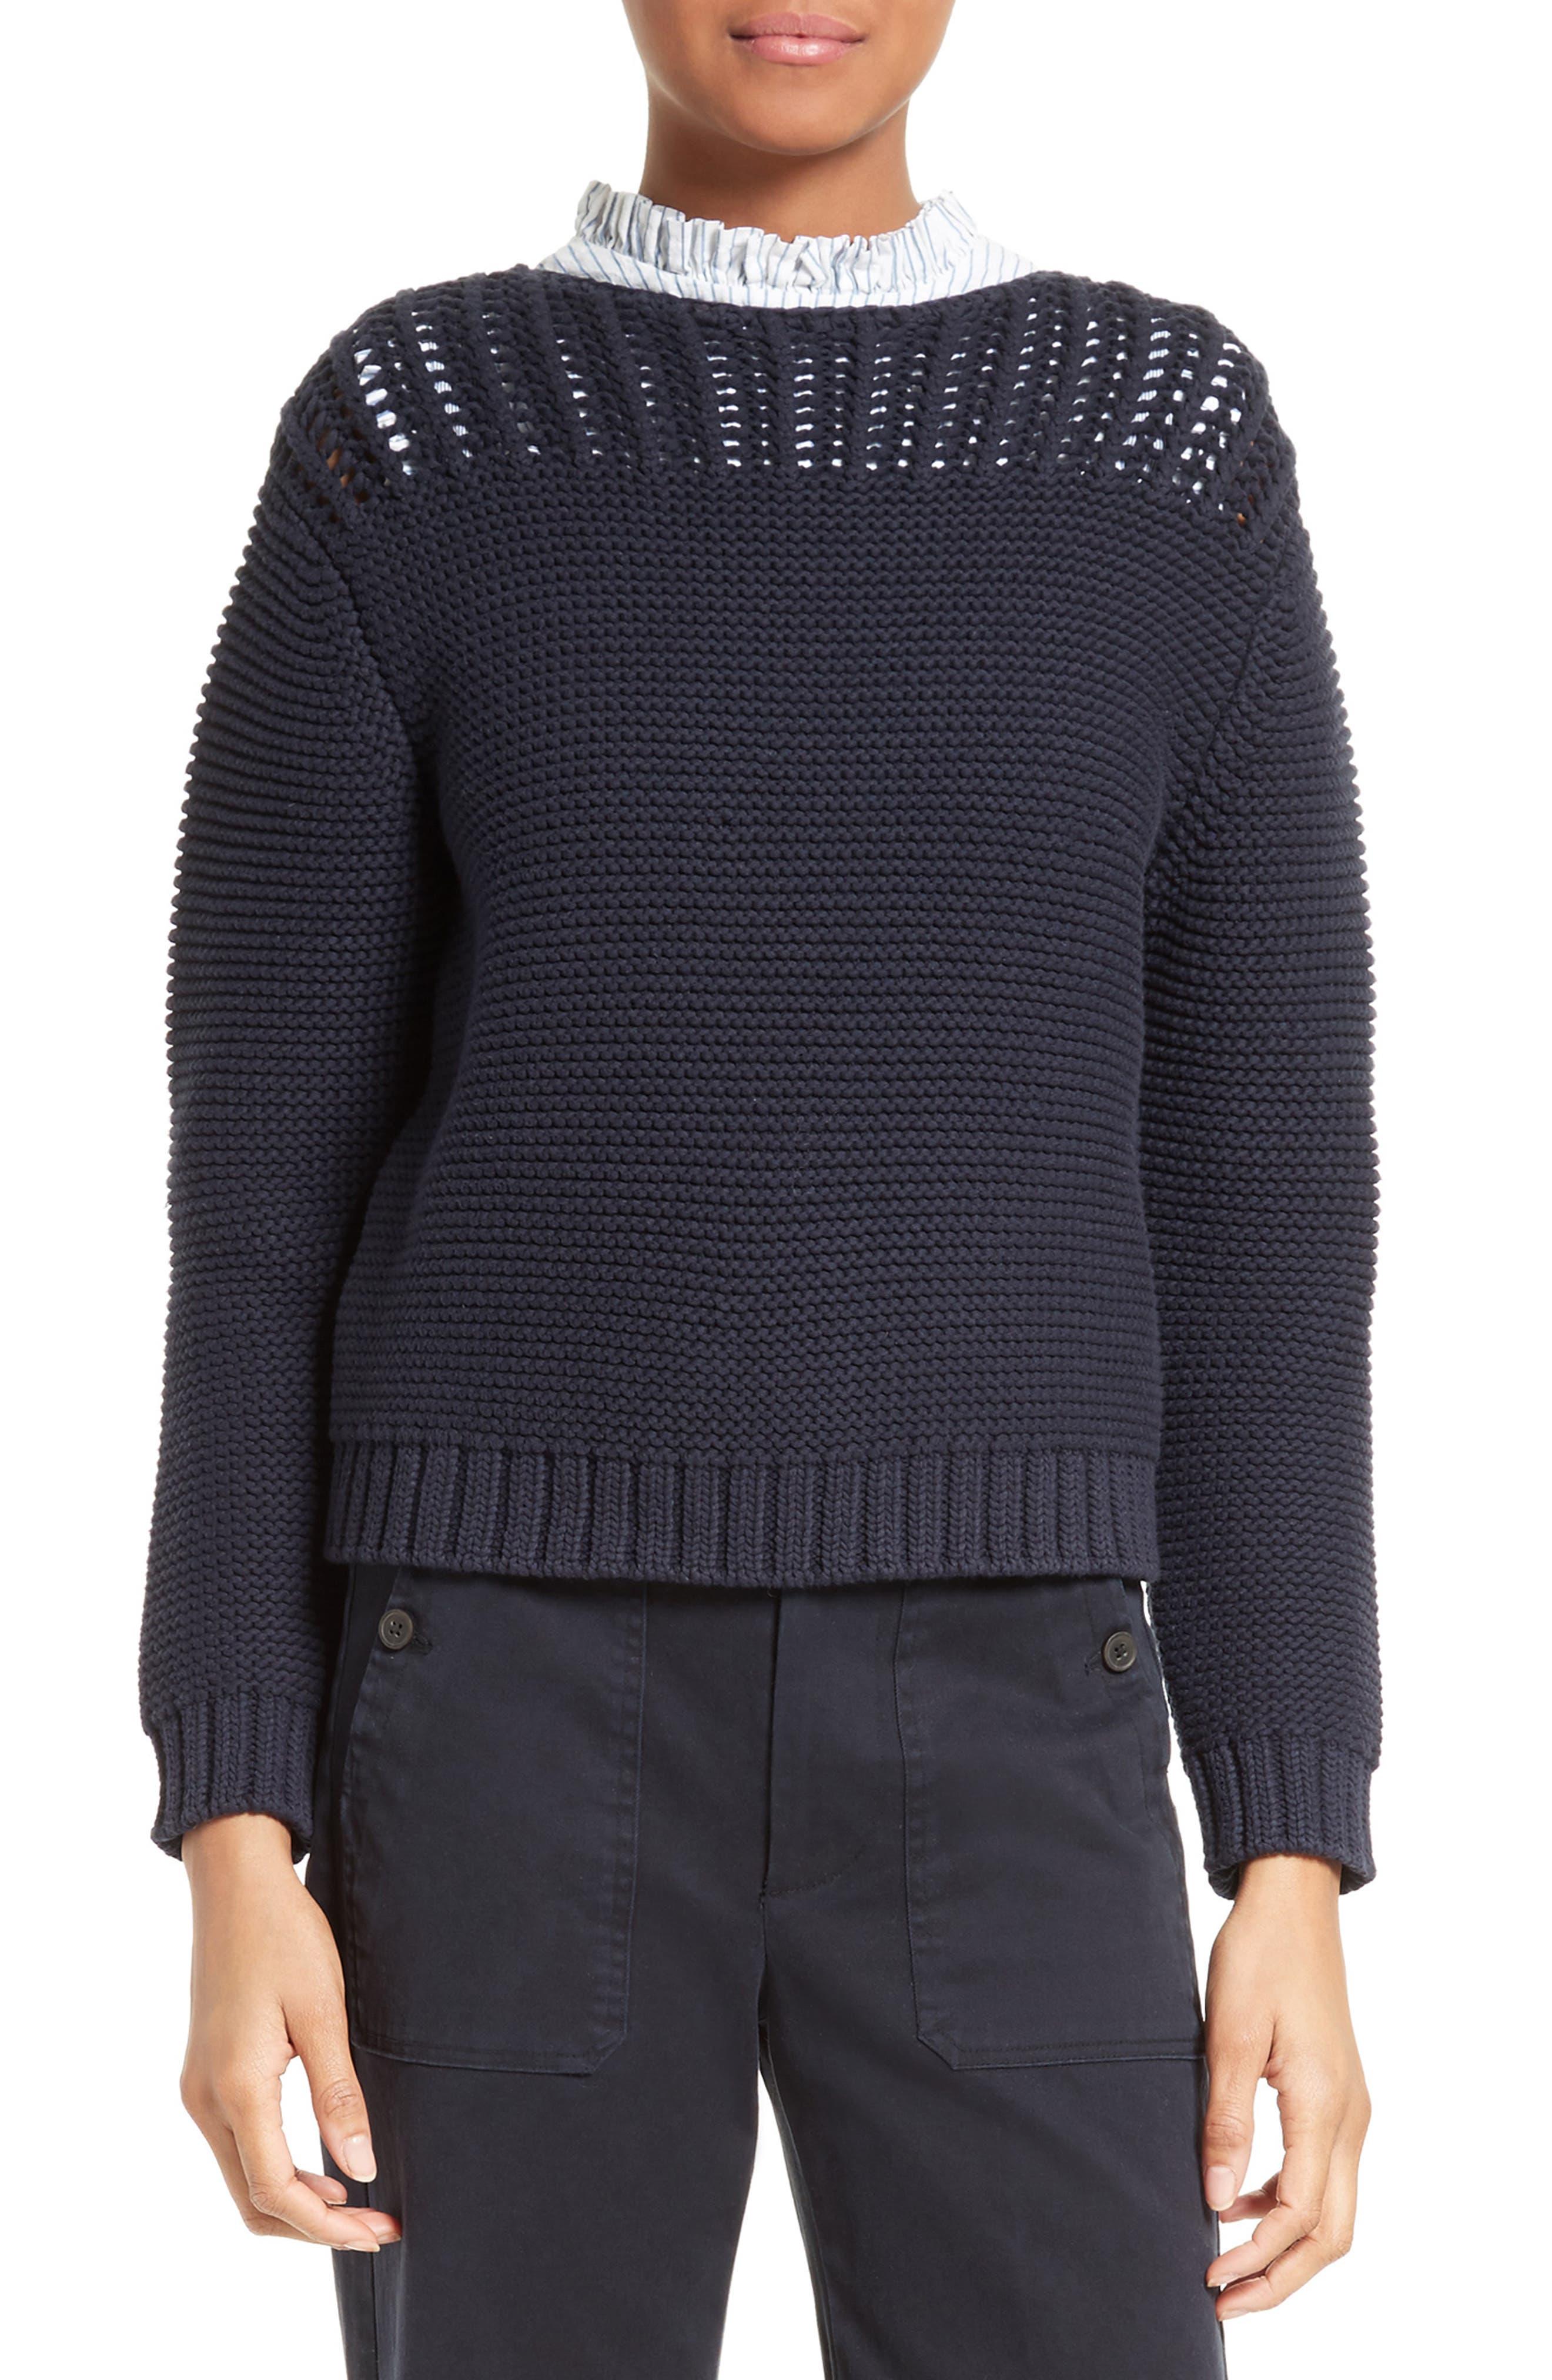 LA VIE REBECCA TAYLOR Mixed Stitch Pullover